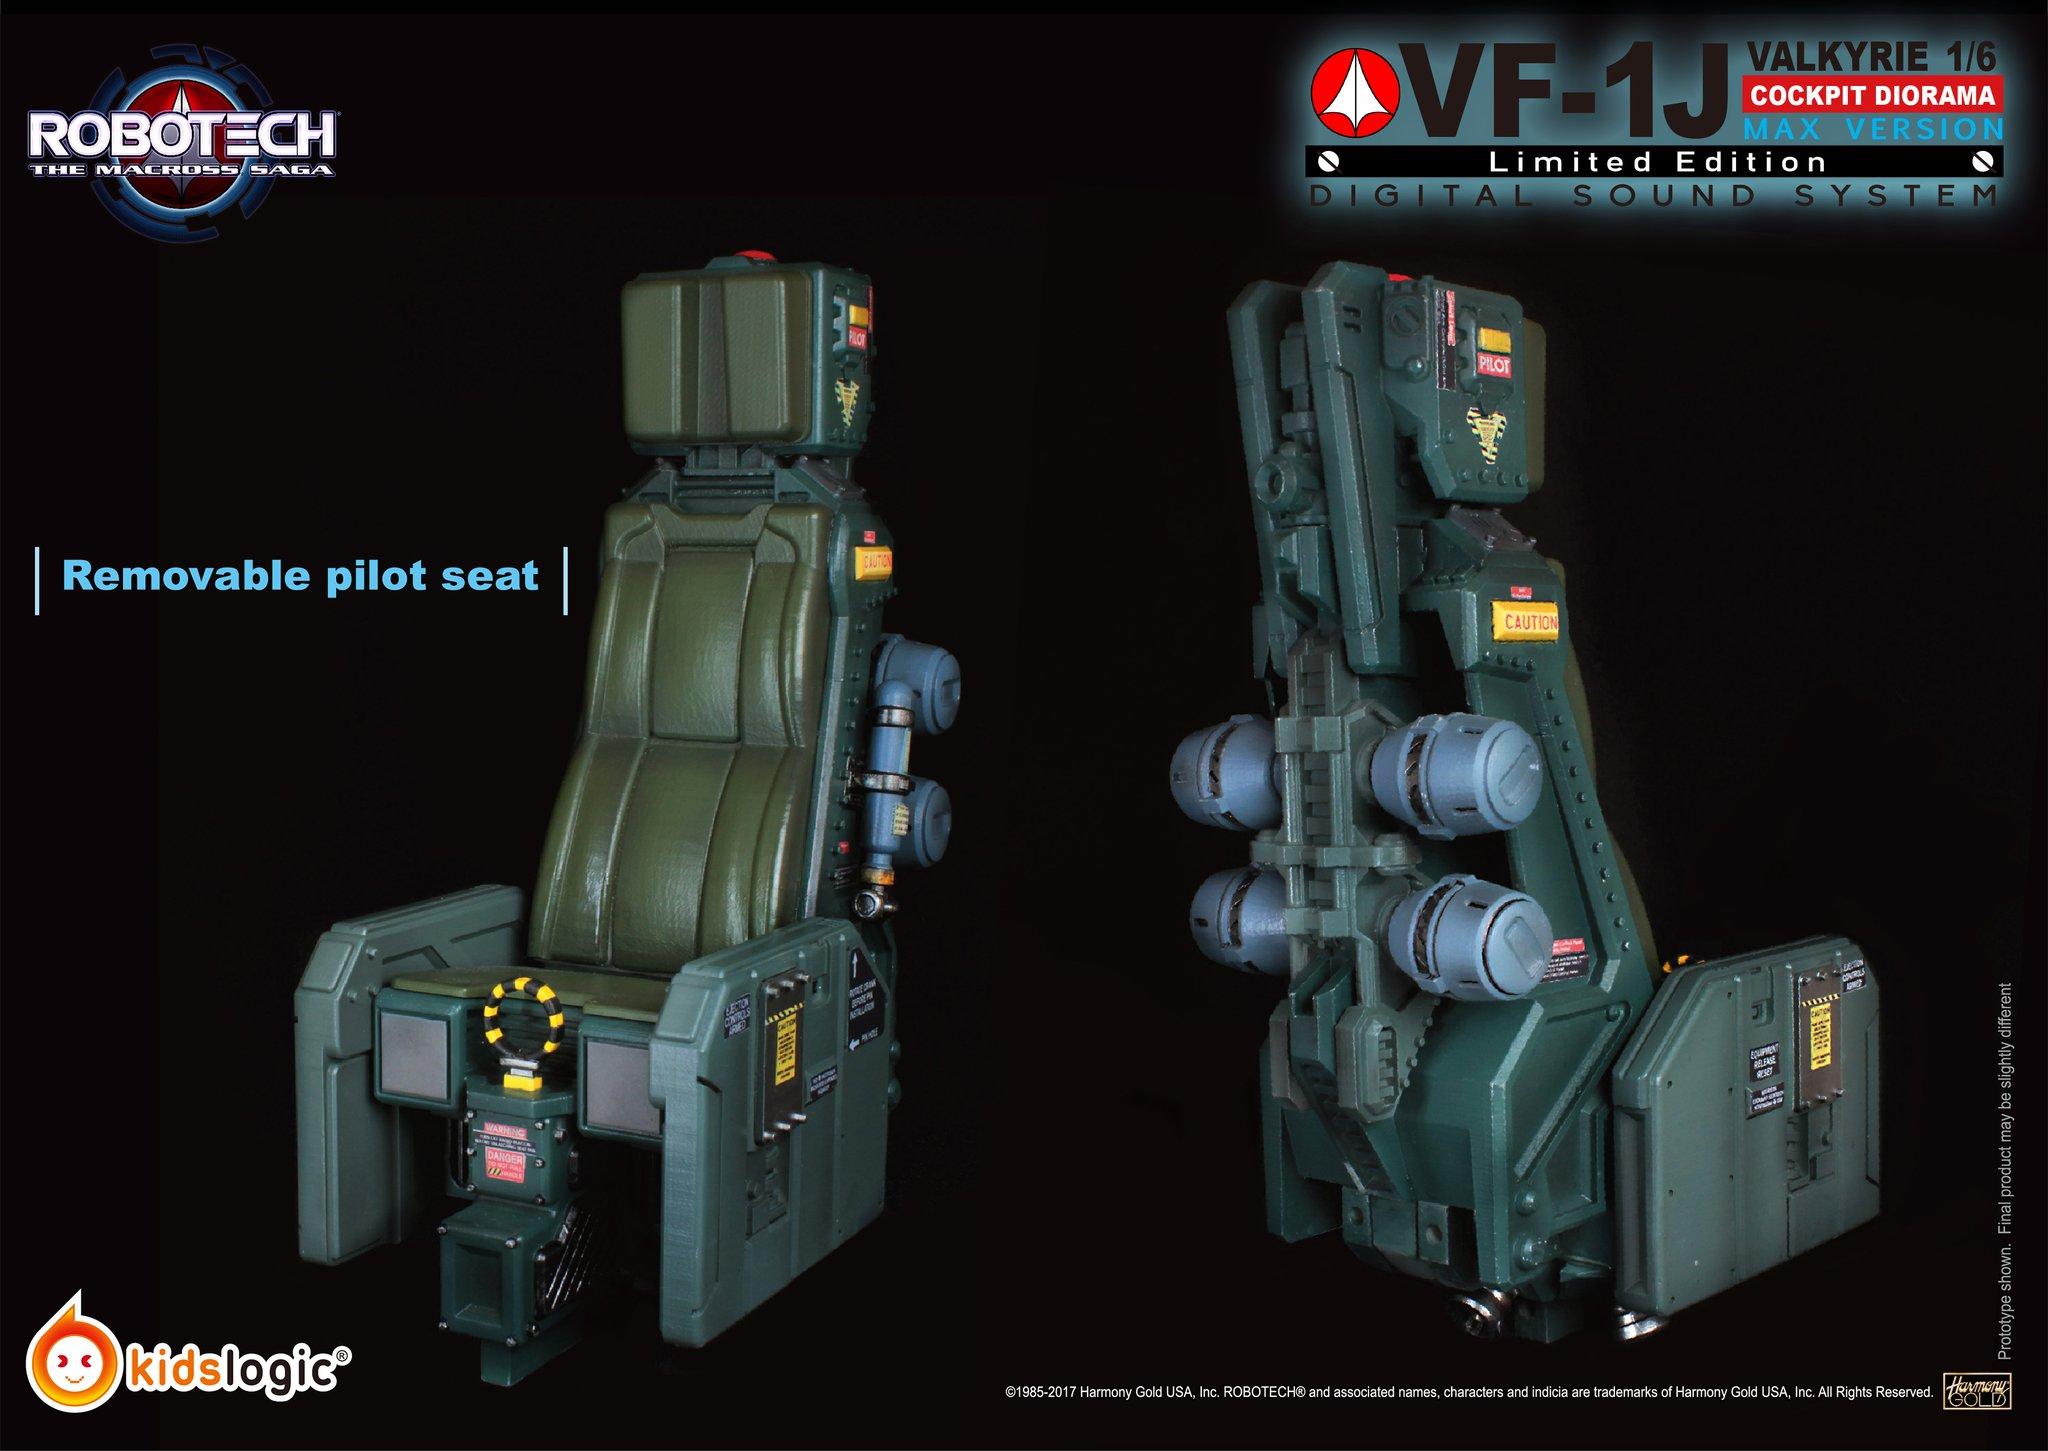 kl-cockpit023